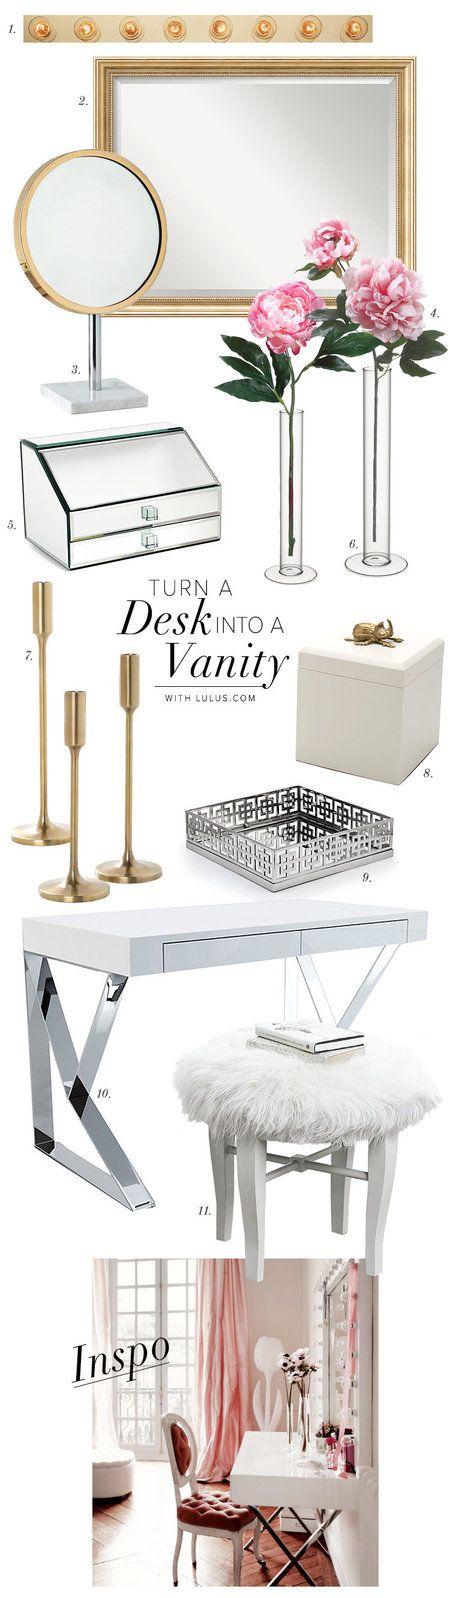 How to Turn Your Desk Into a Vanity - #organizedbeauty #storage #organization